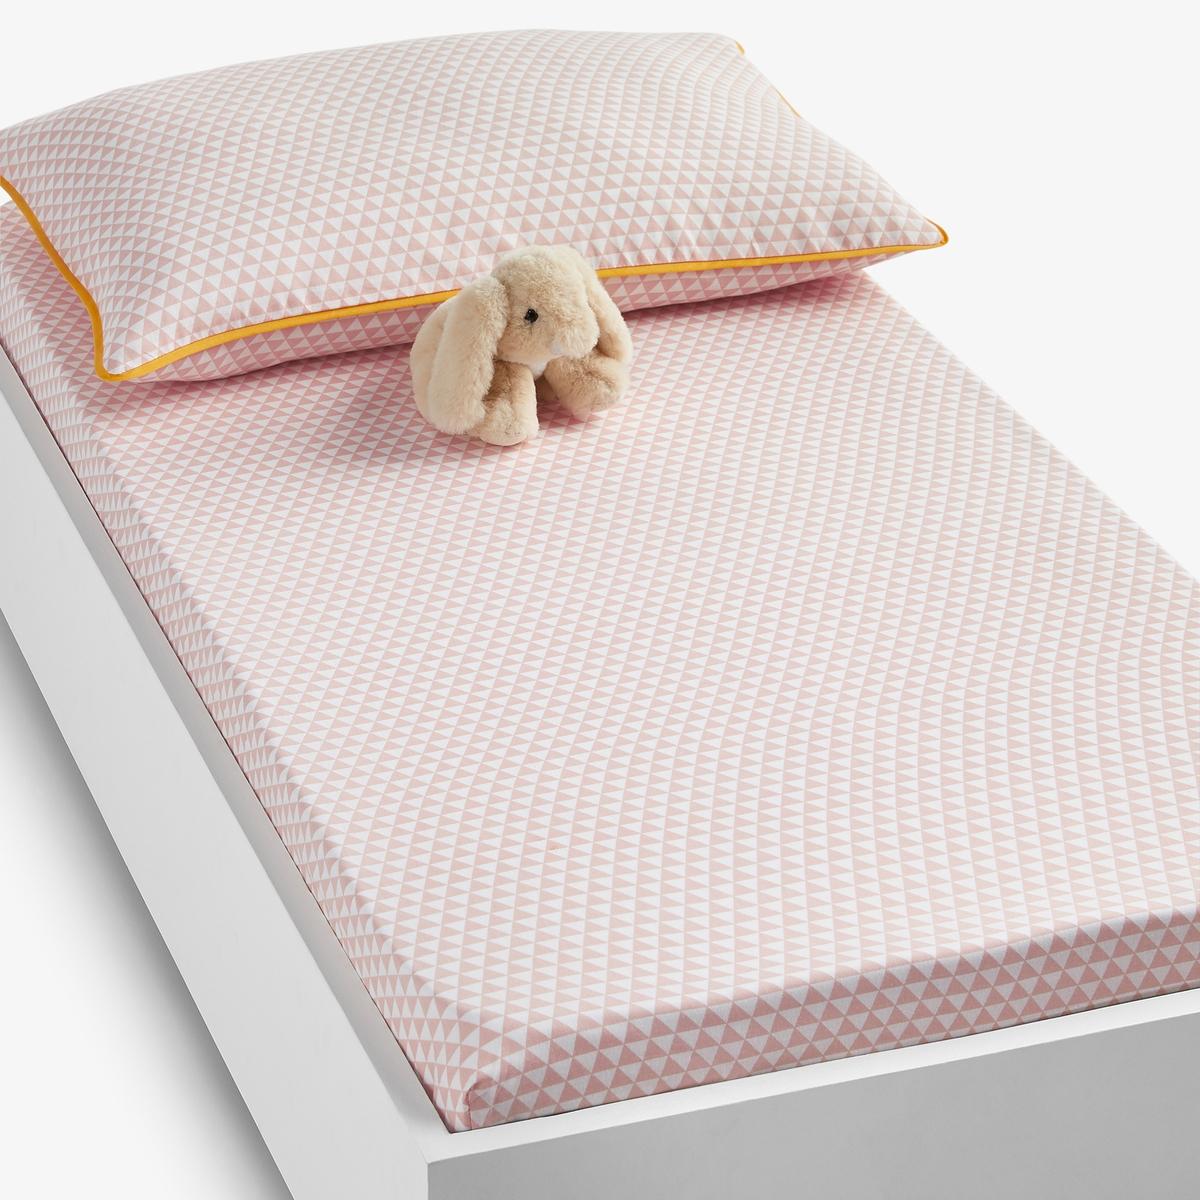 Lençol-capa para bebé, em algodão, Scandinave